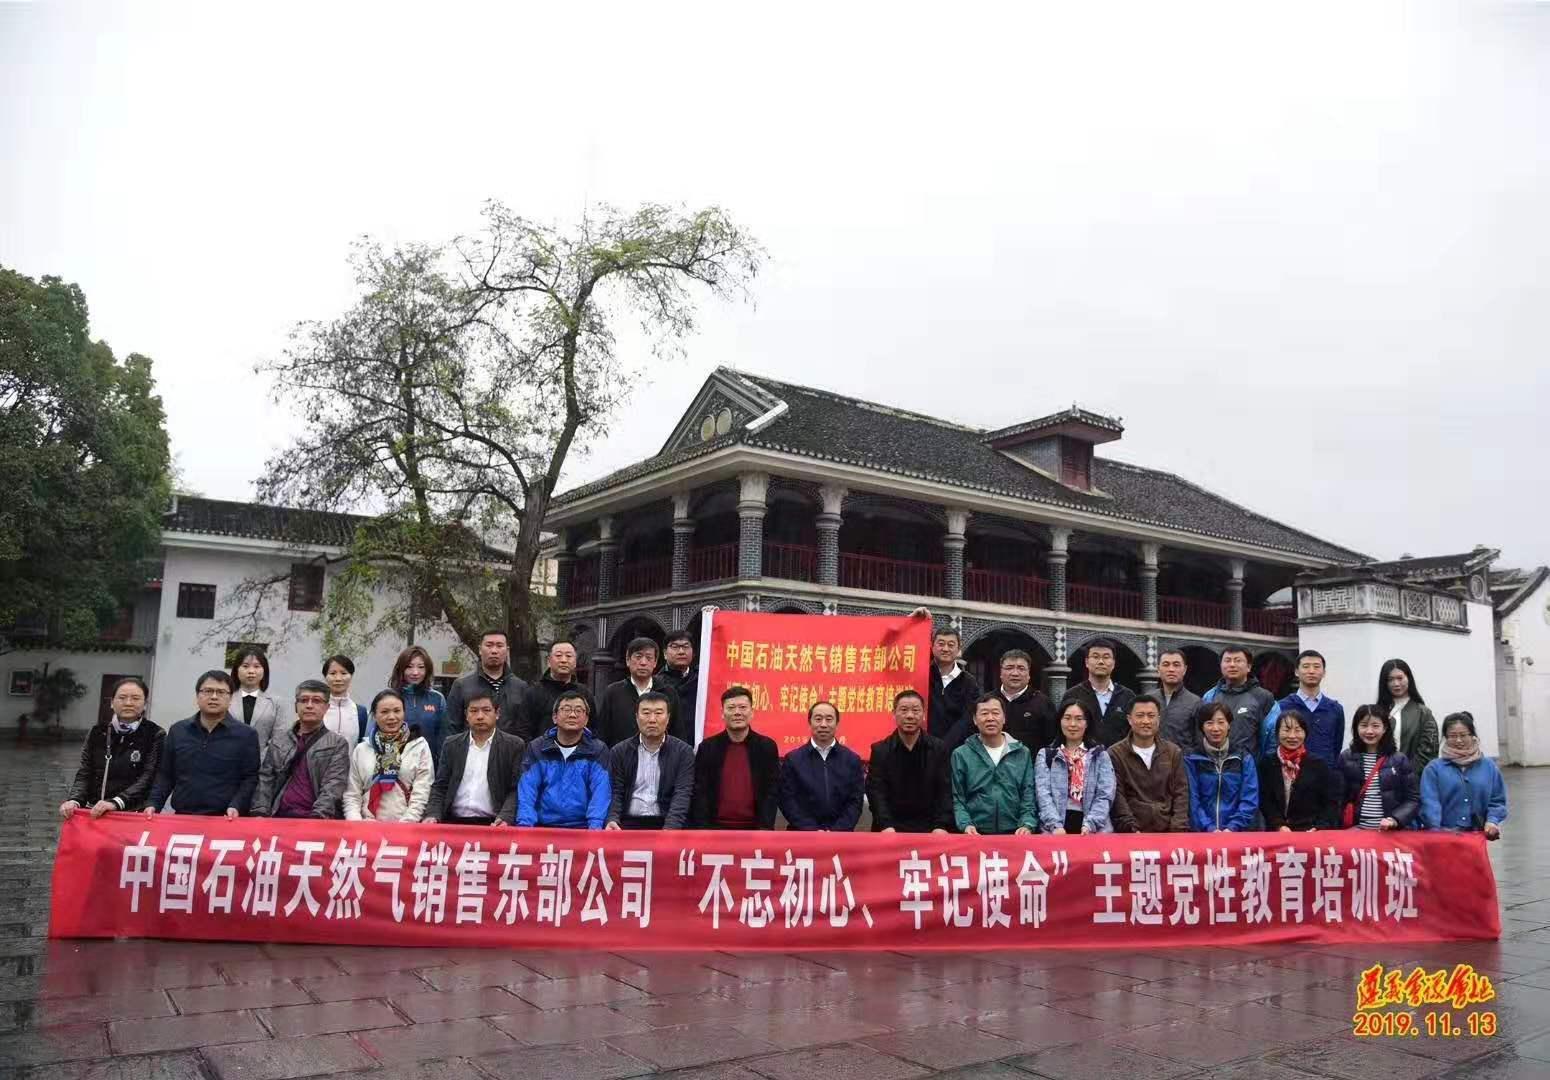 中国石油天然气销售东部公司遵义培训班